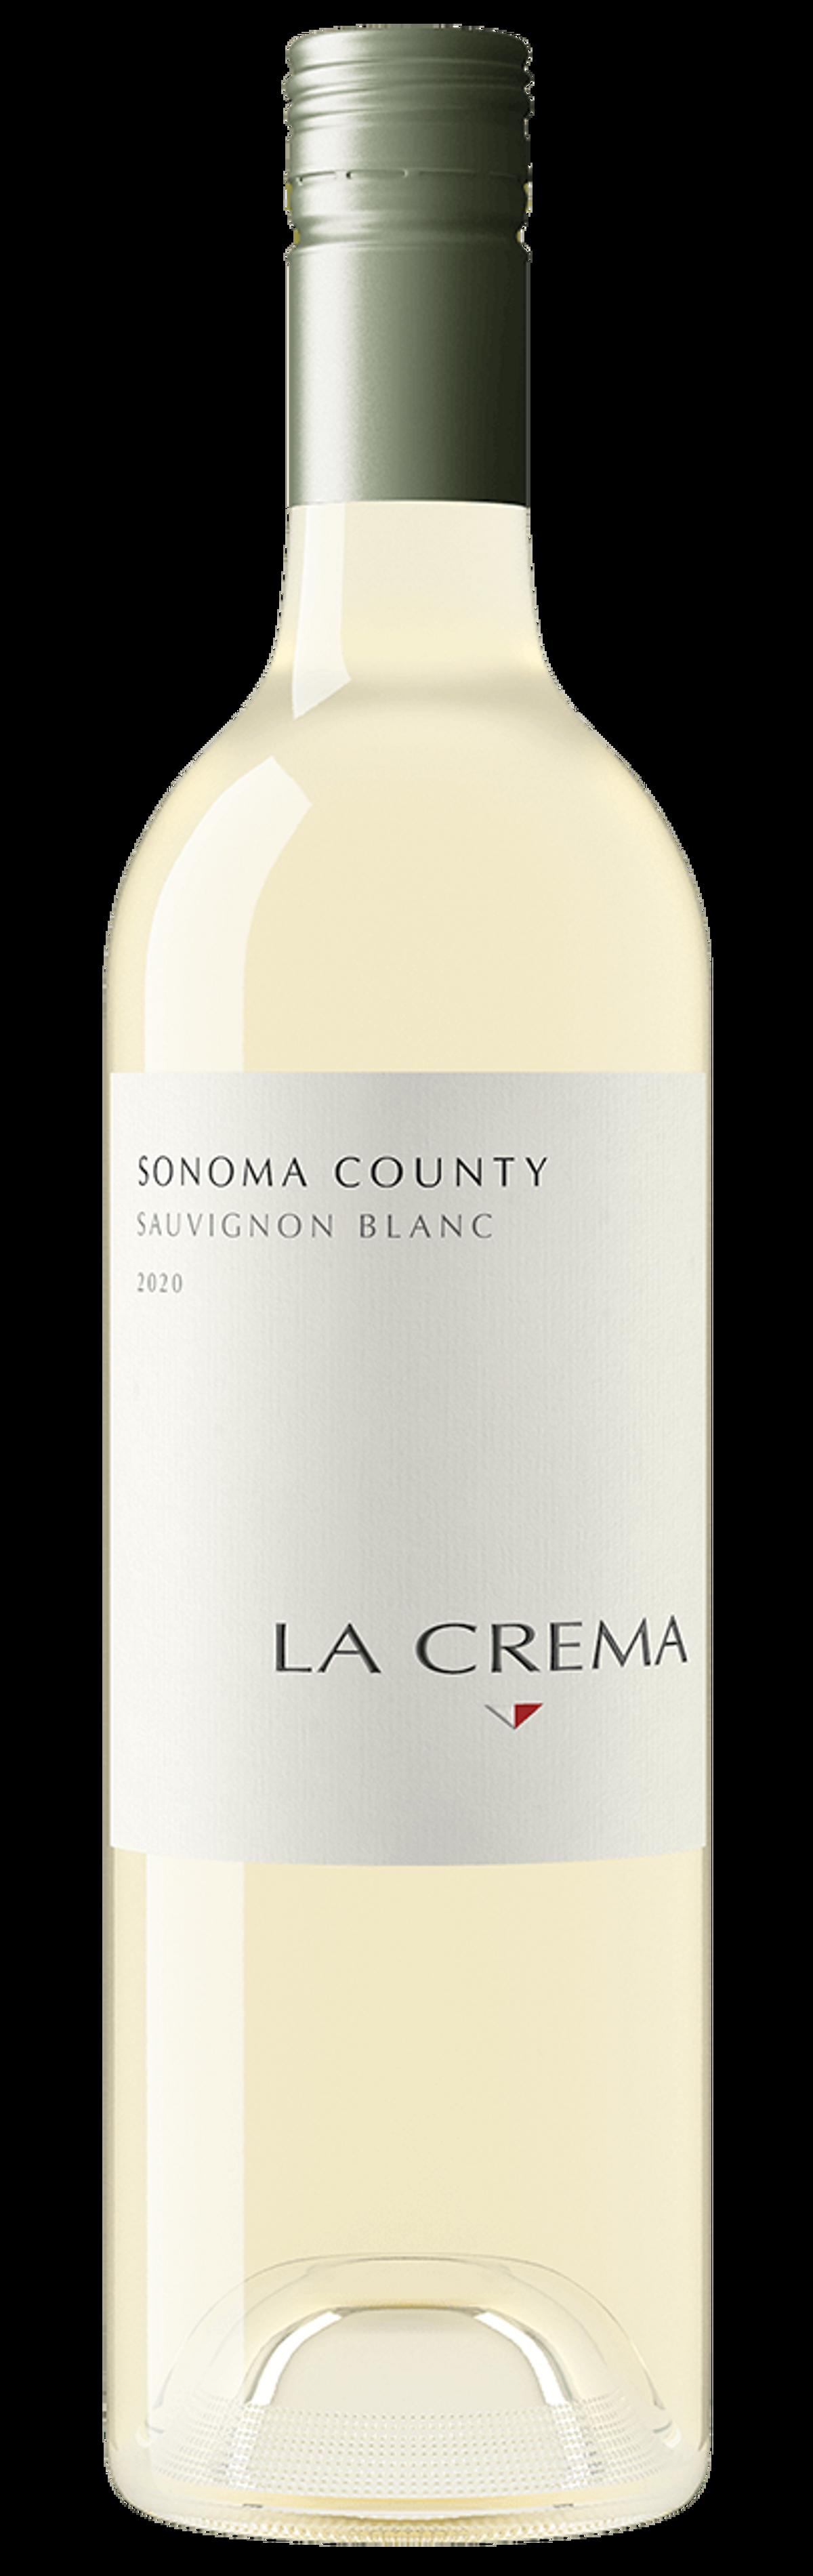 la crema 2020 sonoma county sauvignon blanc